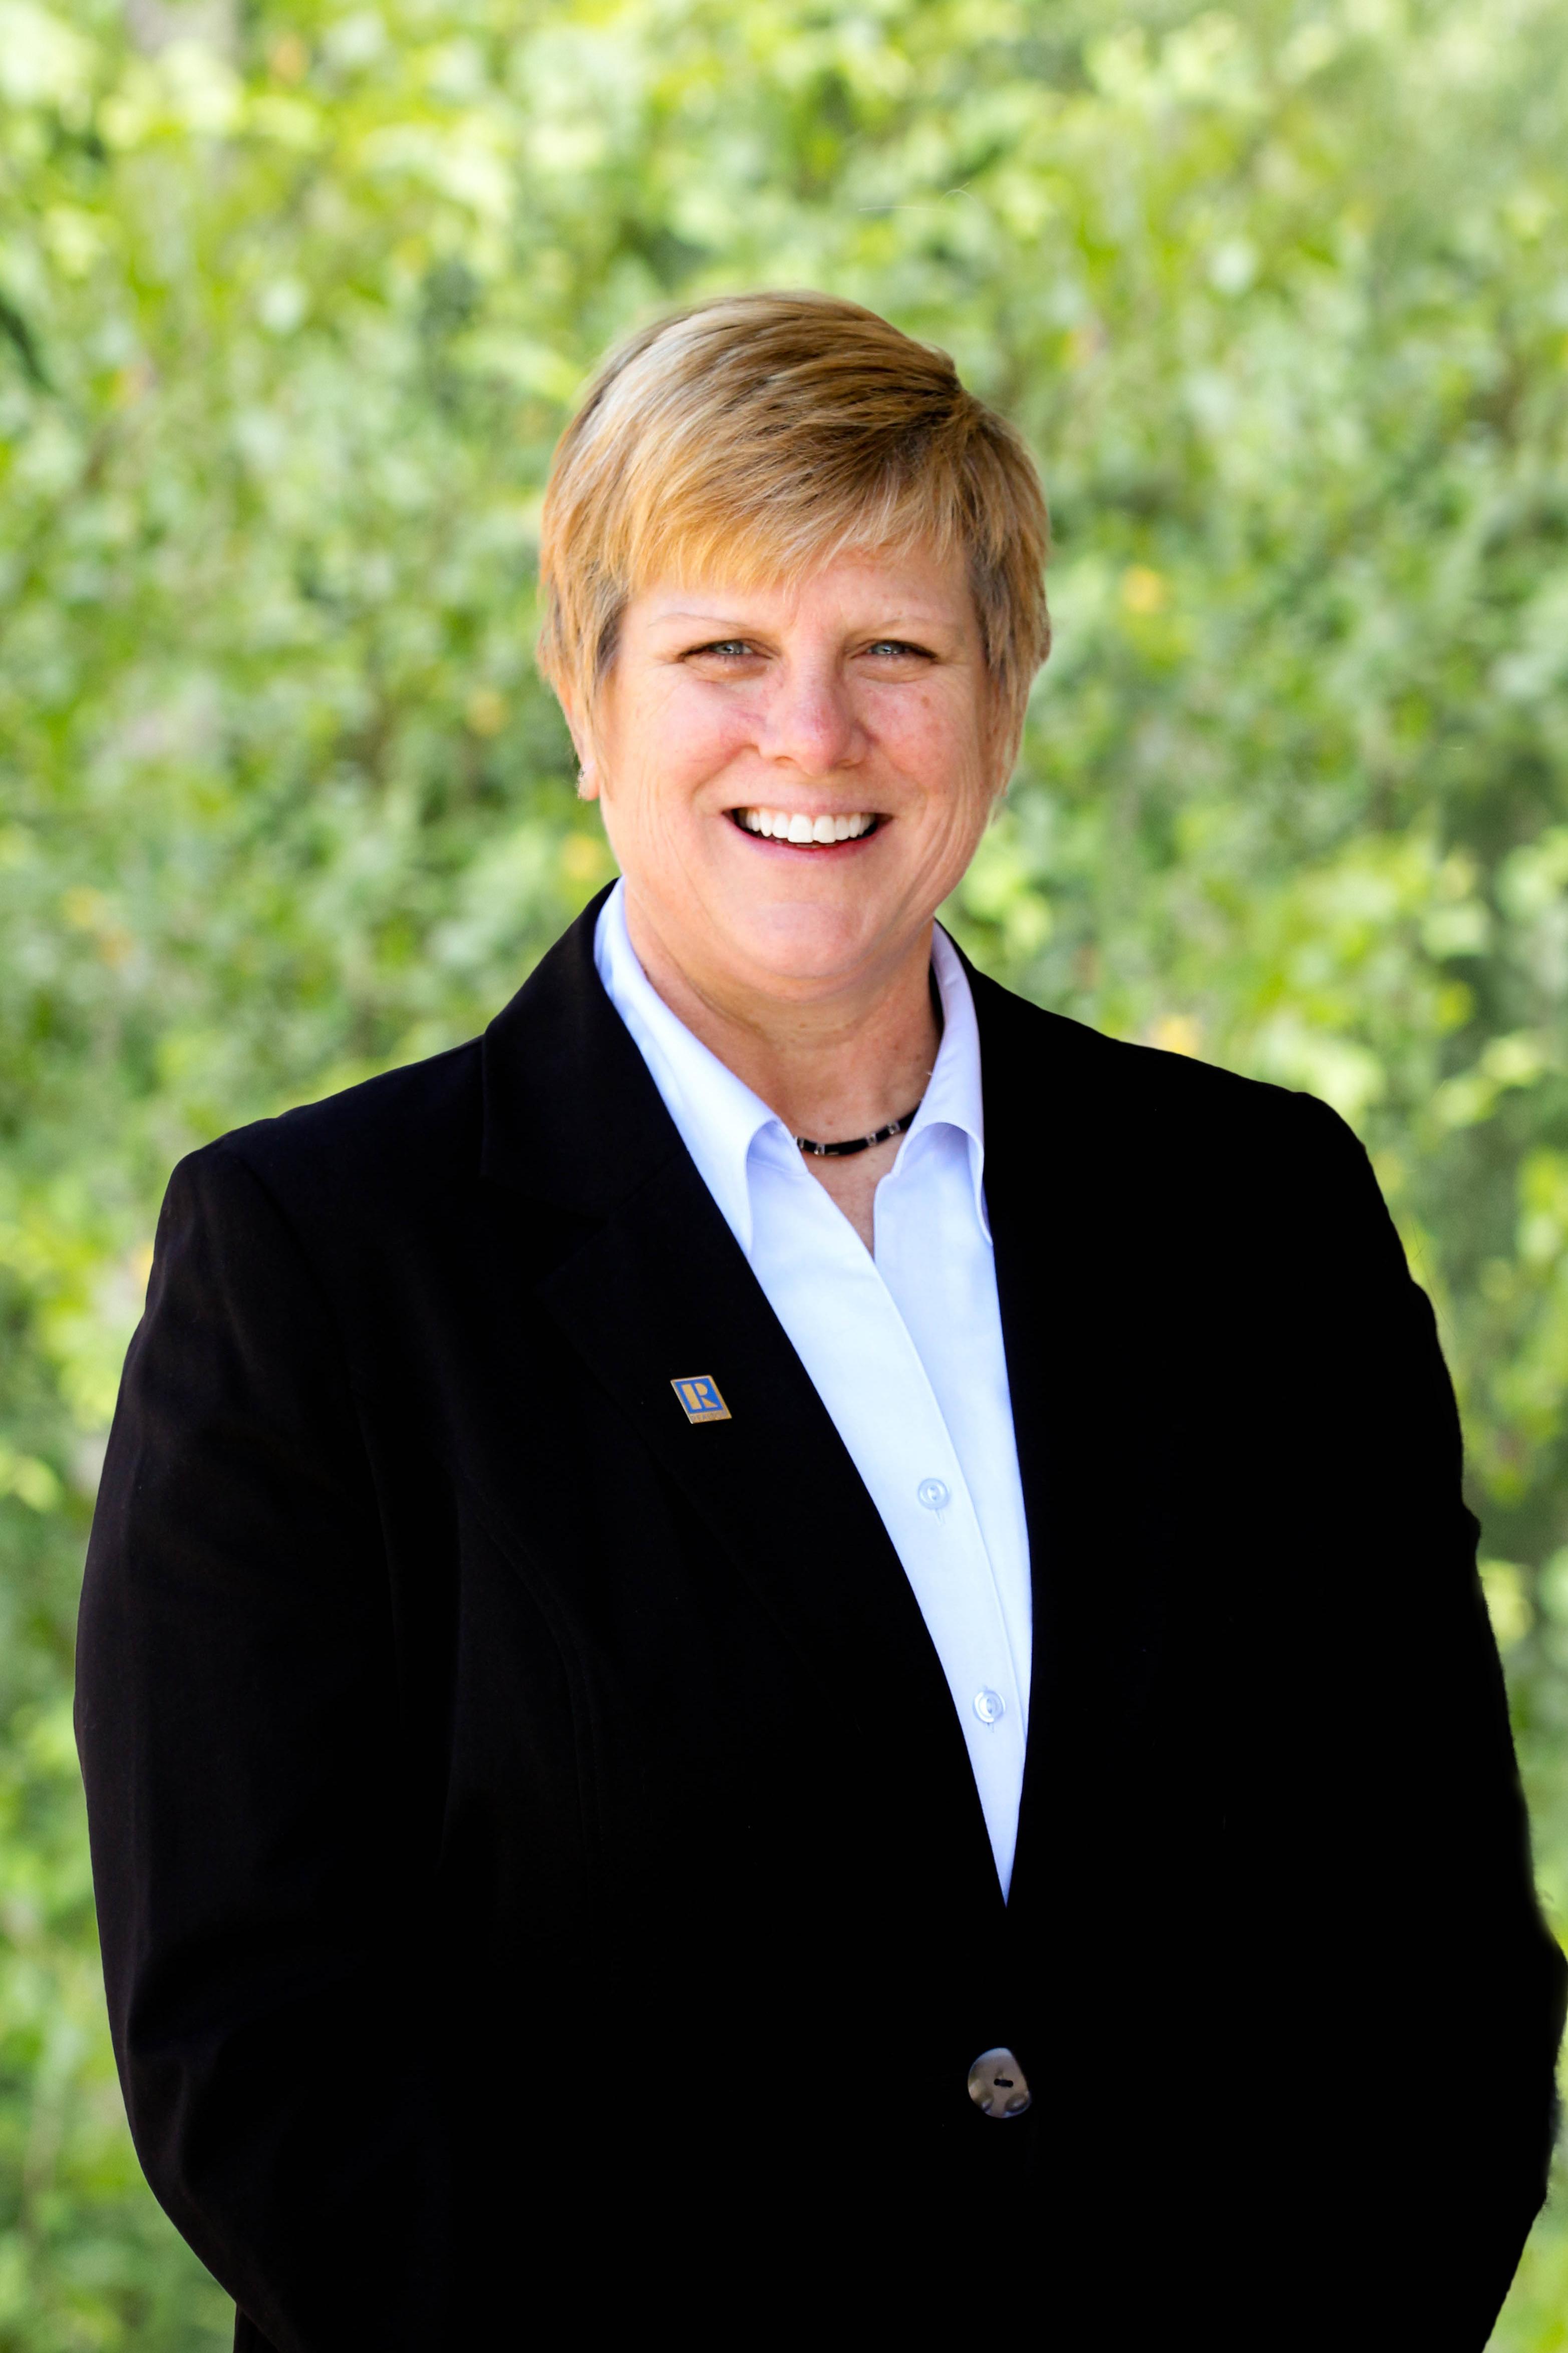 D'Ann Ford